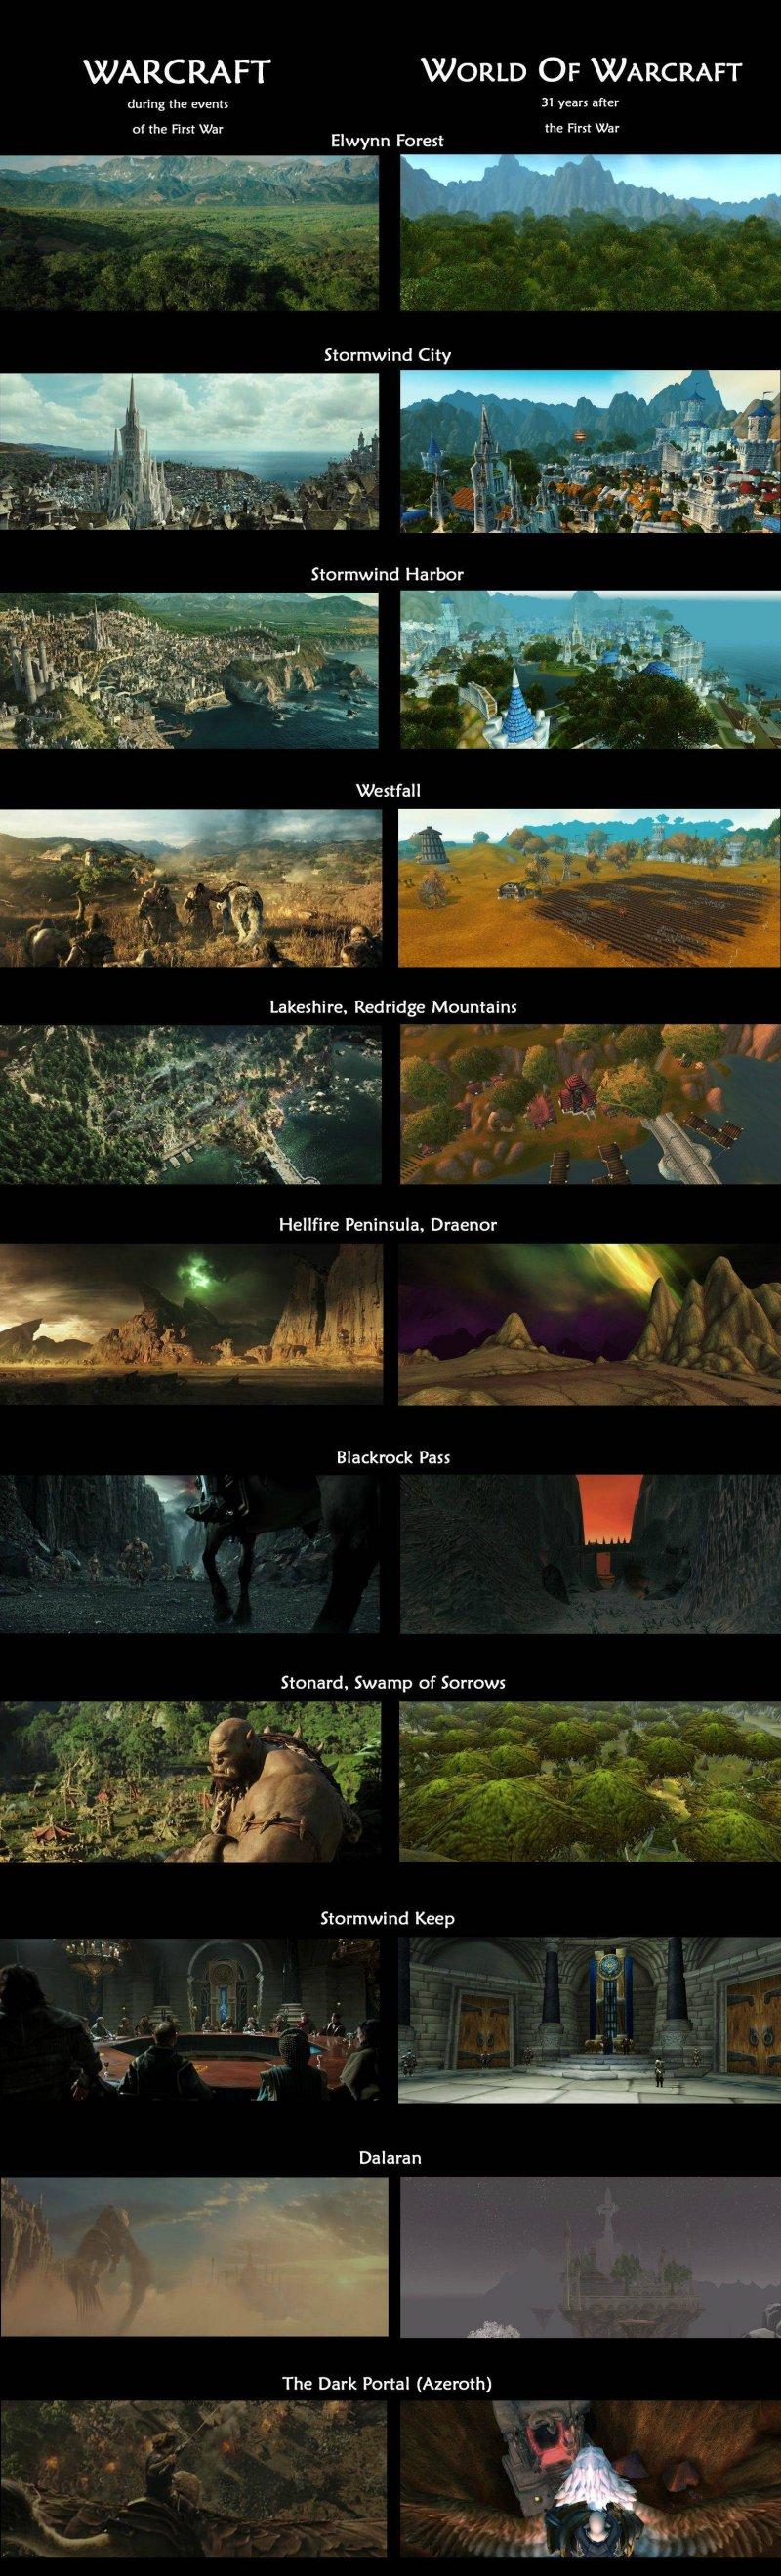 《魔兽》电影对比《魔兽世界》游戏神还原第1张